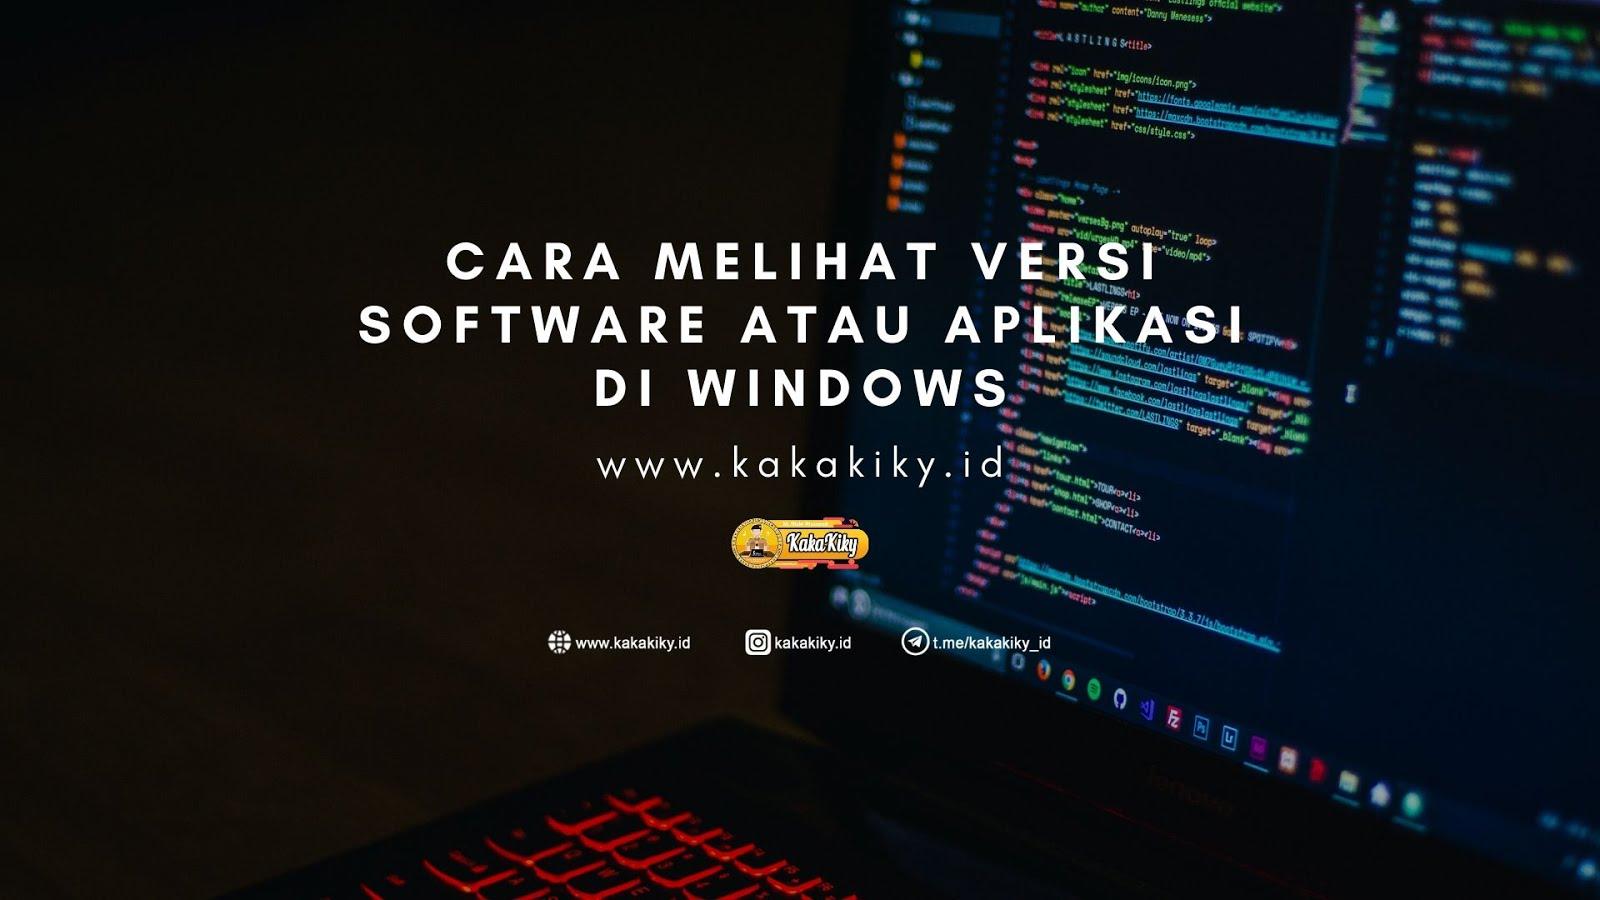 Cara Melihat Versi Software Atau Aplikasi Di Windows 10